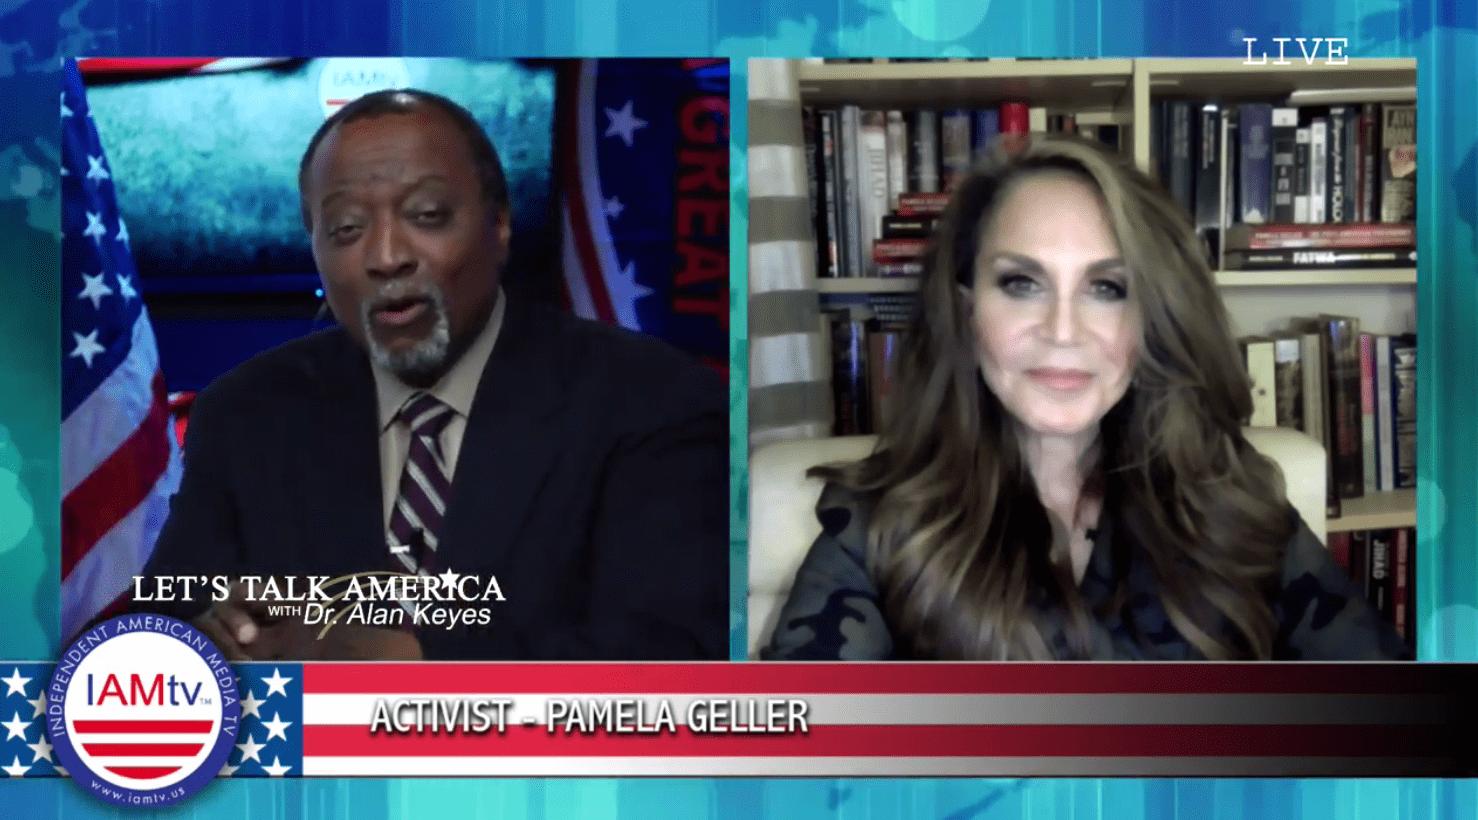 Let's Talk America With Alan Keyes: Pamela Geller (Video)